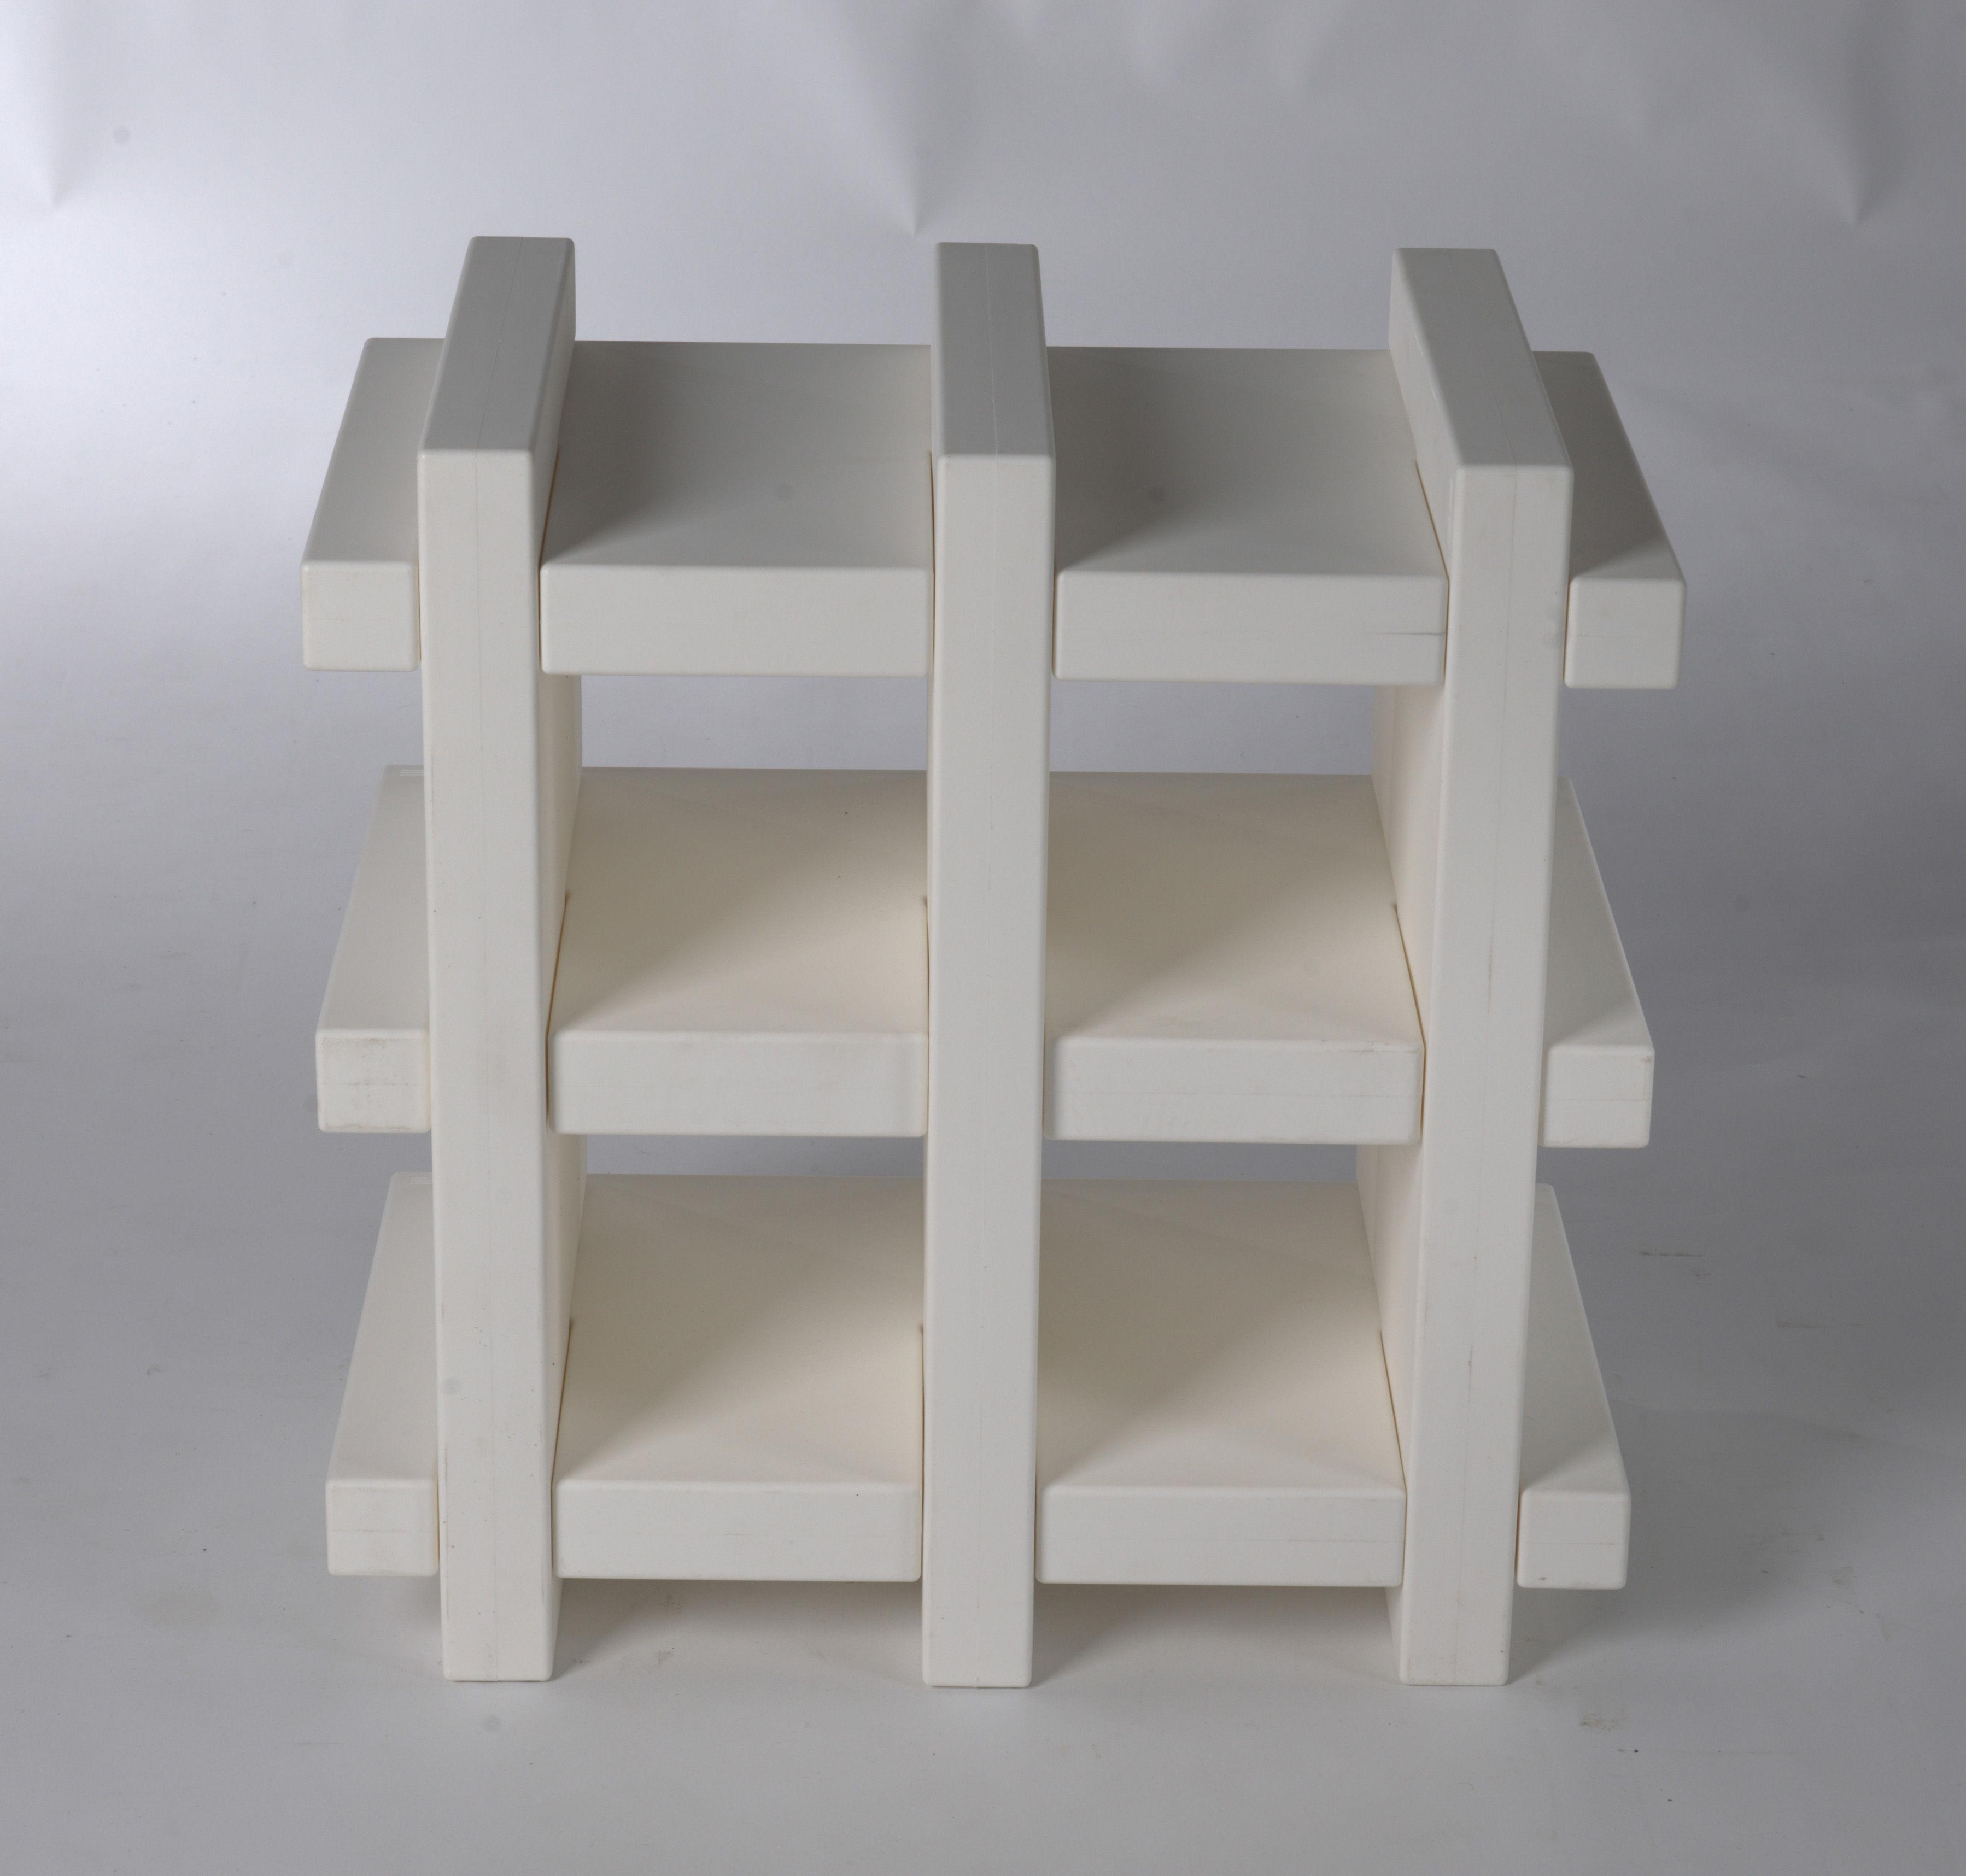 etag re booky mini h 70 cm larg 70 cm blanc slide made in design. Black Bedroom Furniture Sets. Home Design Ideas